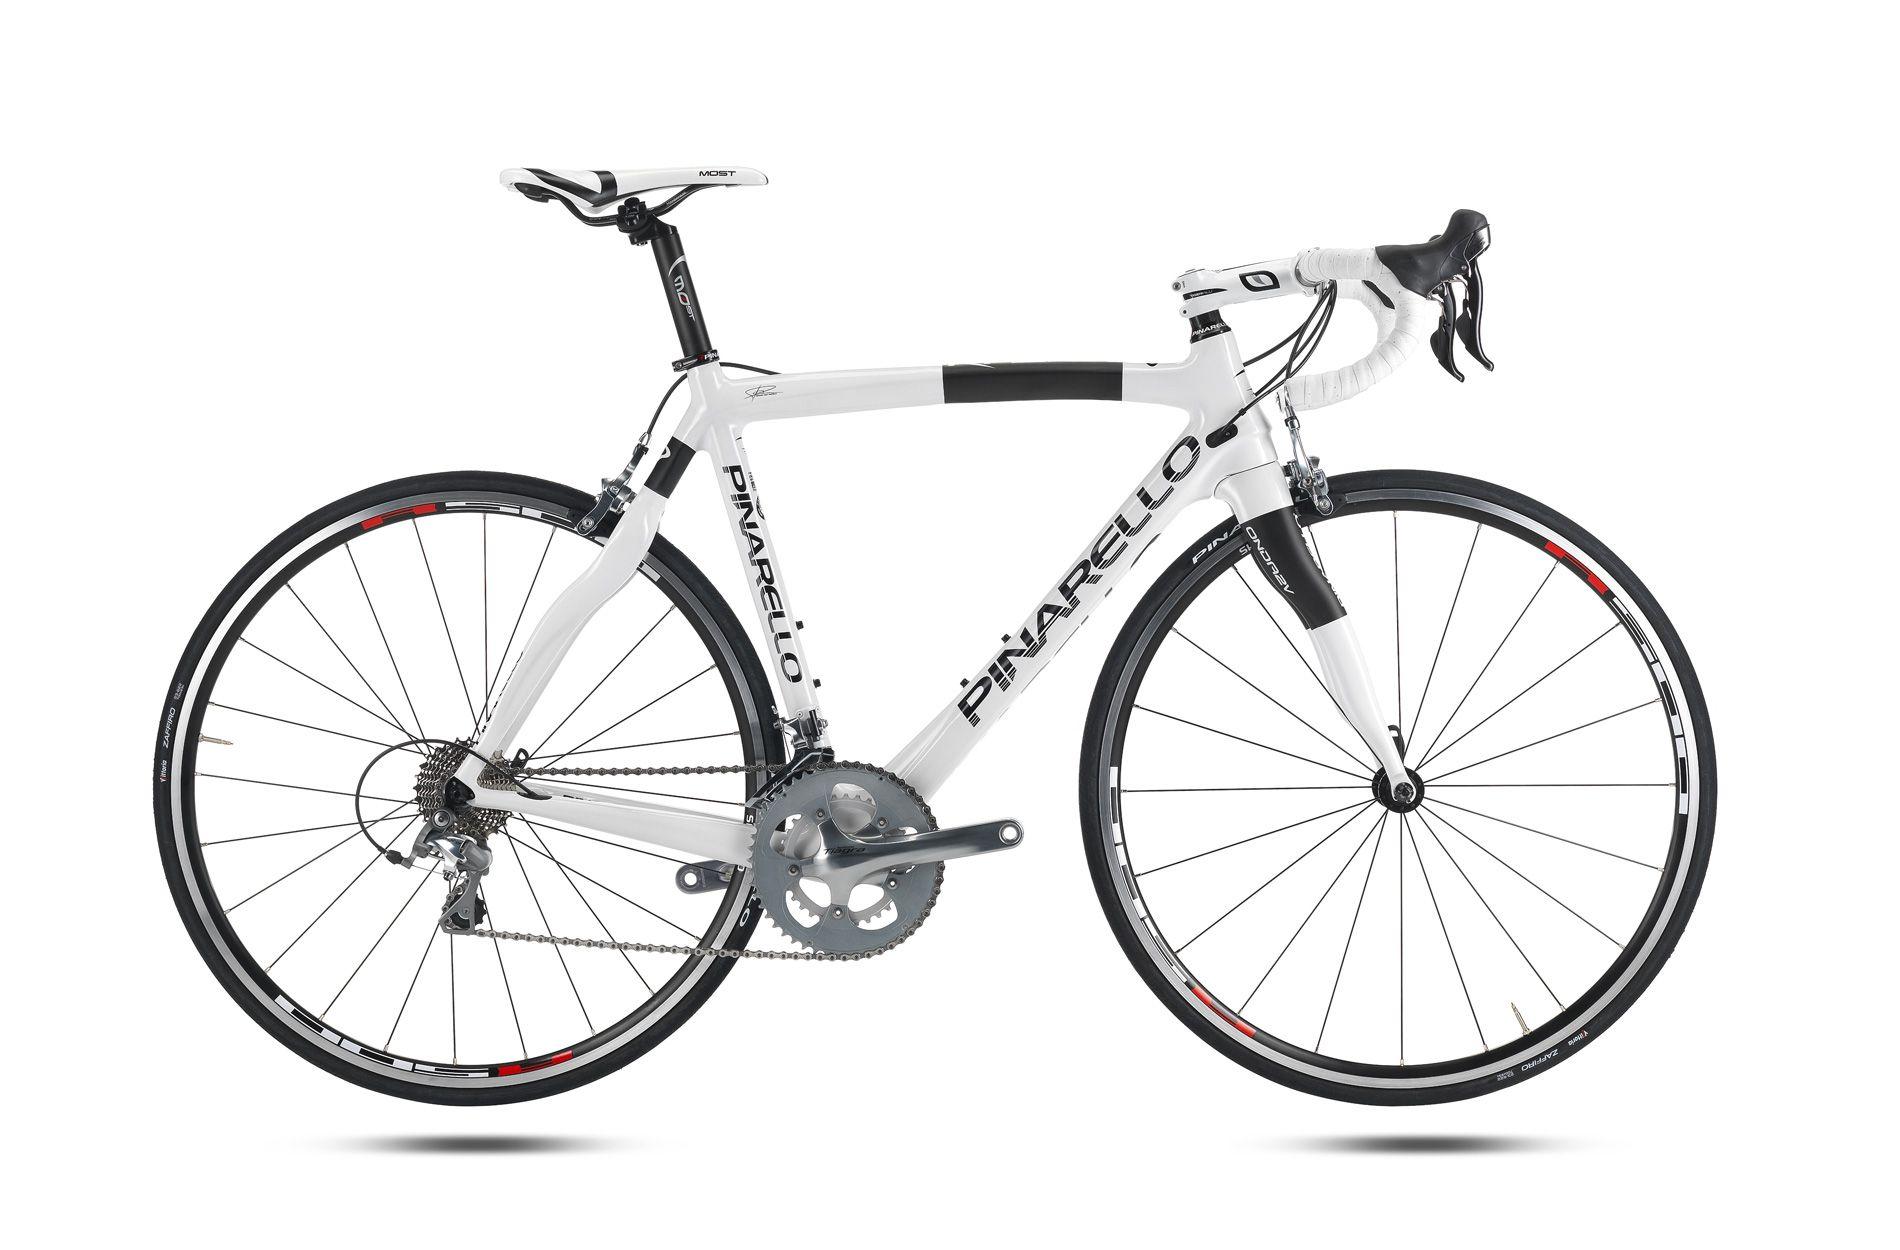 Pinarello Razha 930 White Black Bike Road Bike Bicycle Race